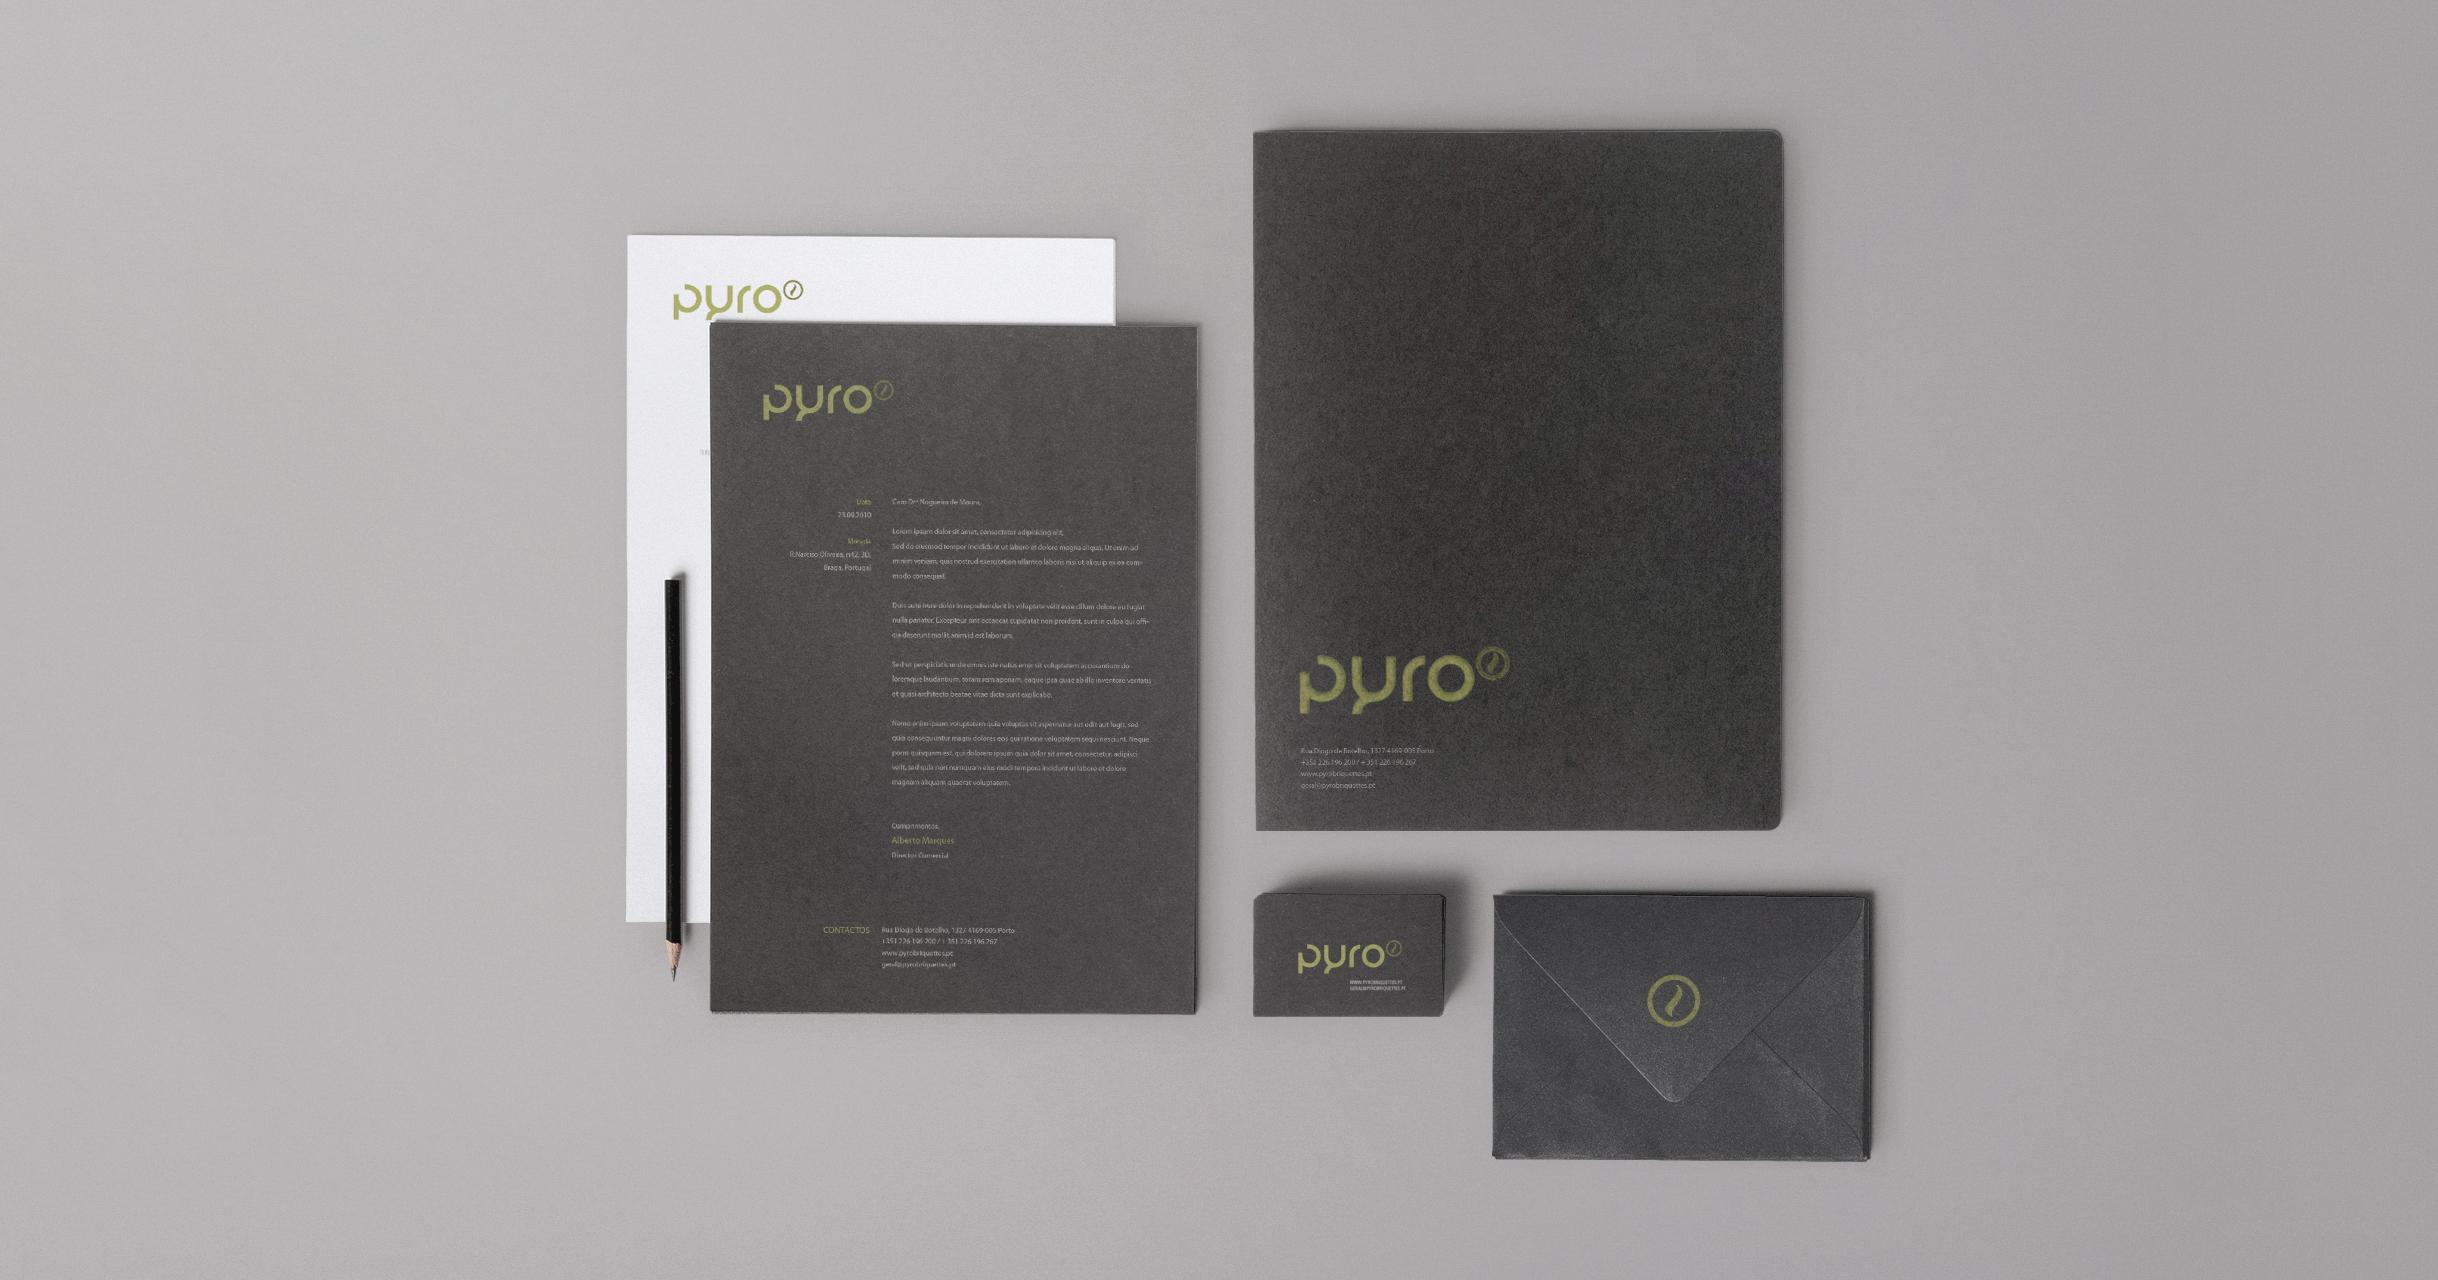 005_Pyro_branding_N4.jpg